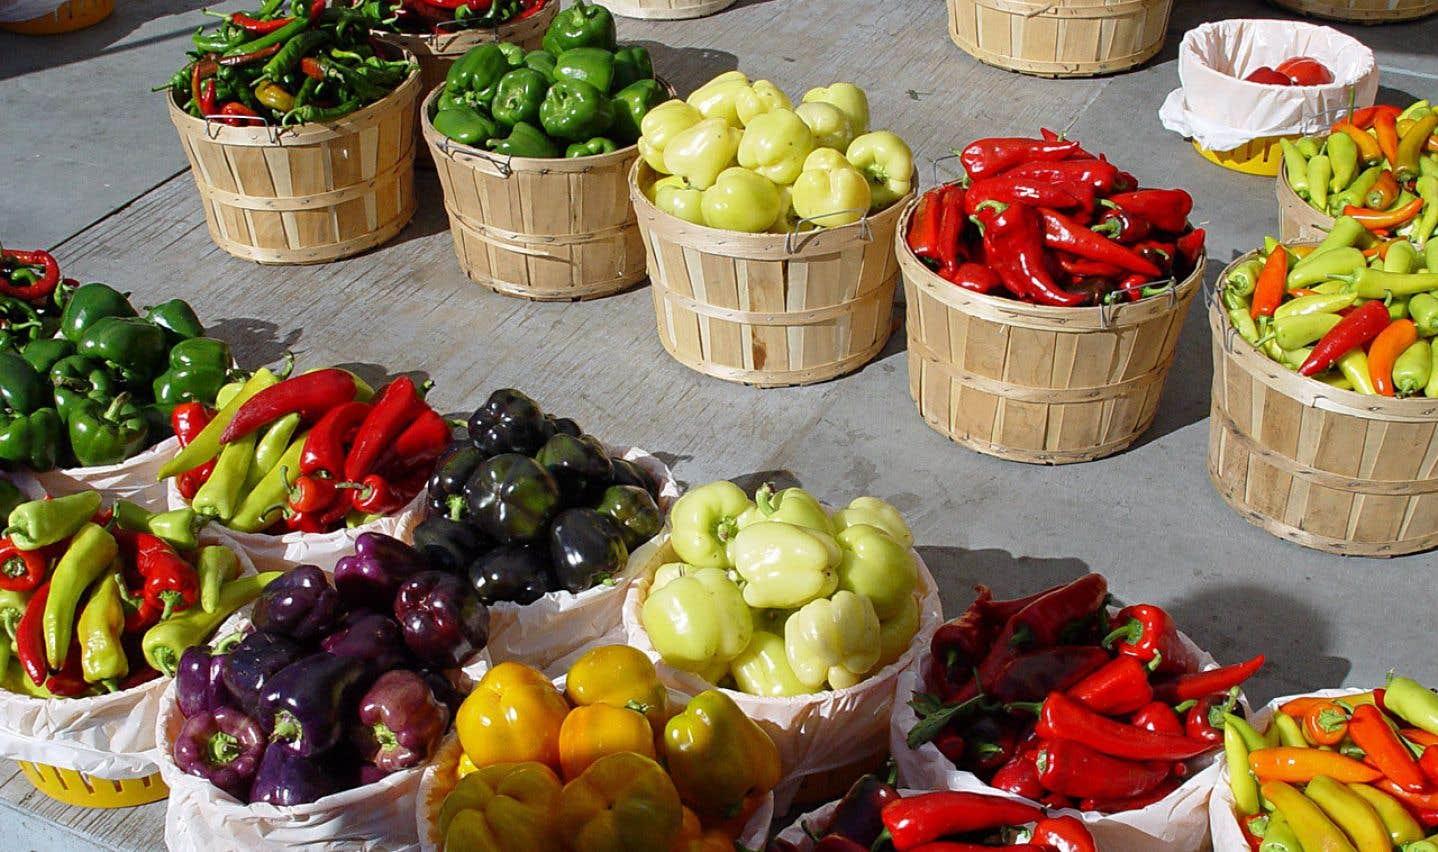 2017 a été marquée par un engouement pour les légumes et pour toutes les étiquettes associées (flexitarien, végétalien, végane…), un nouveau vocable est apparu: végétal.